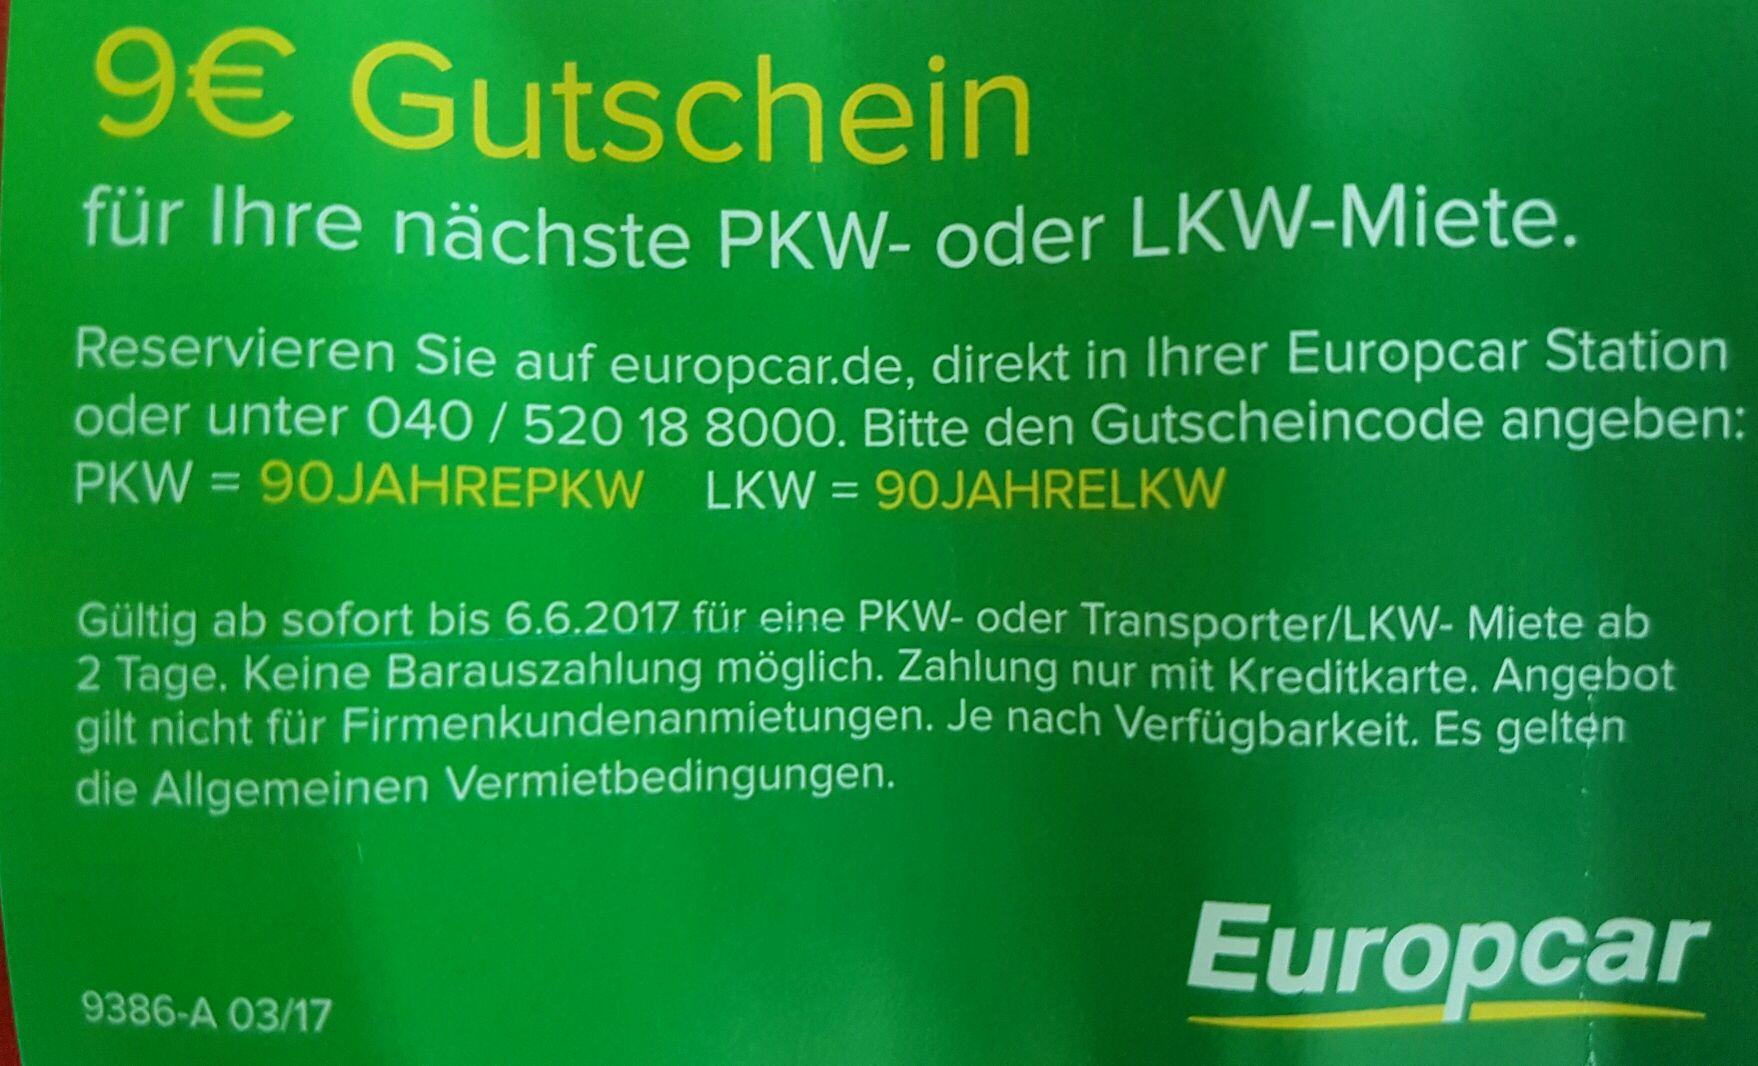 Europcar 9€ Gutschein bis 6.6.2017